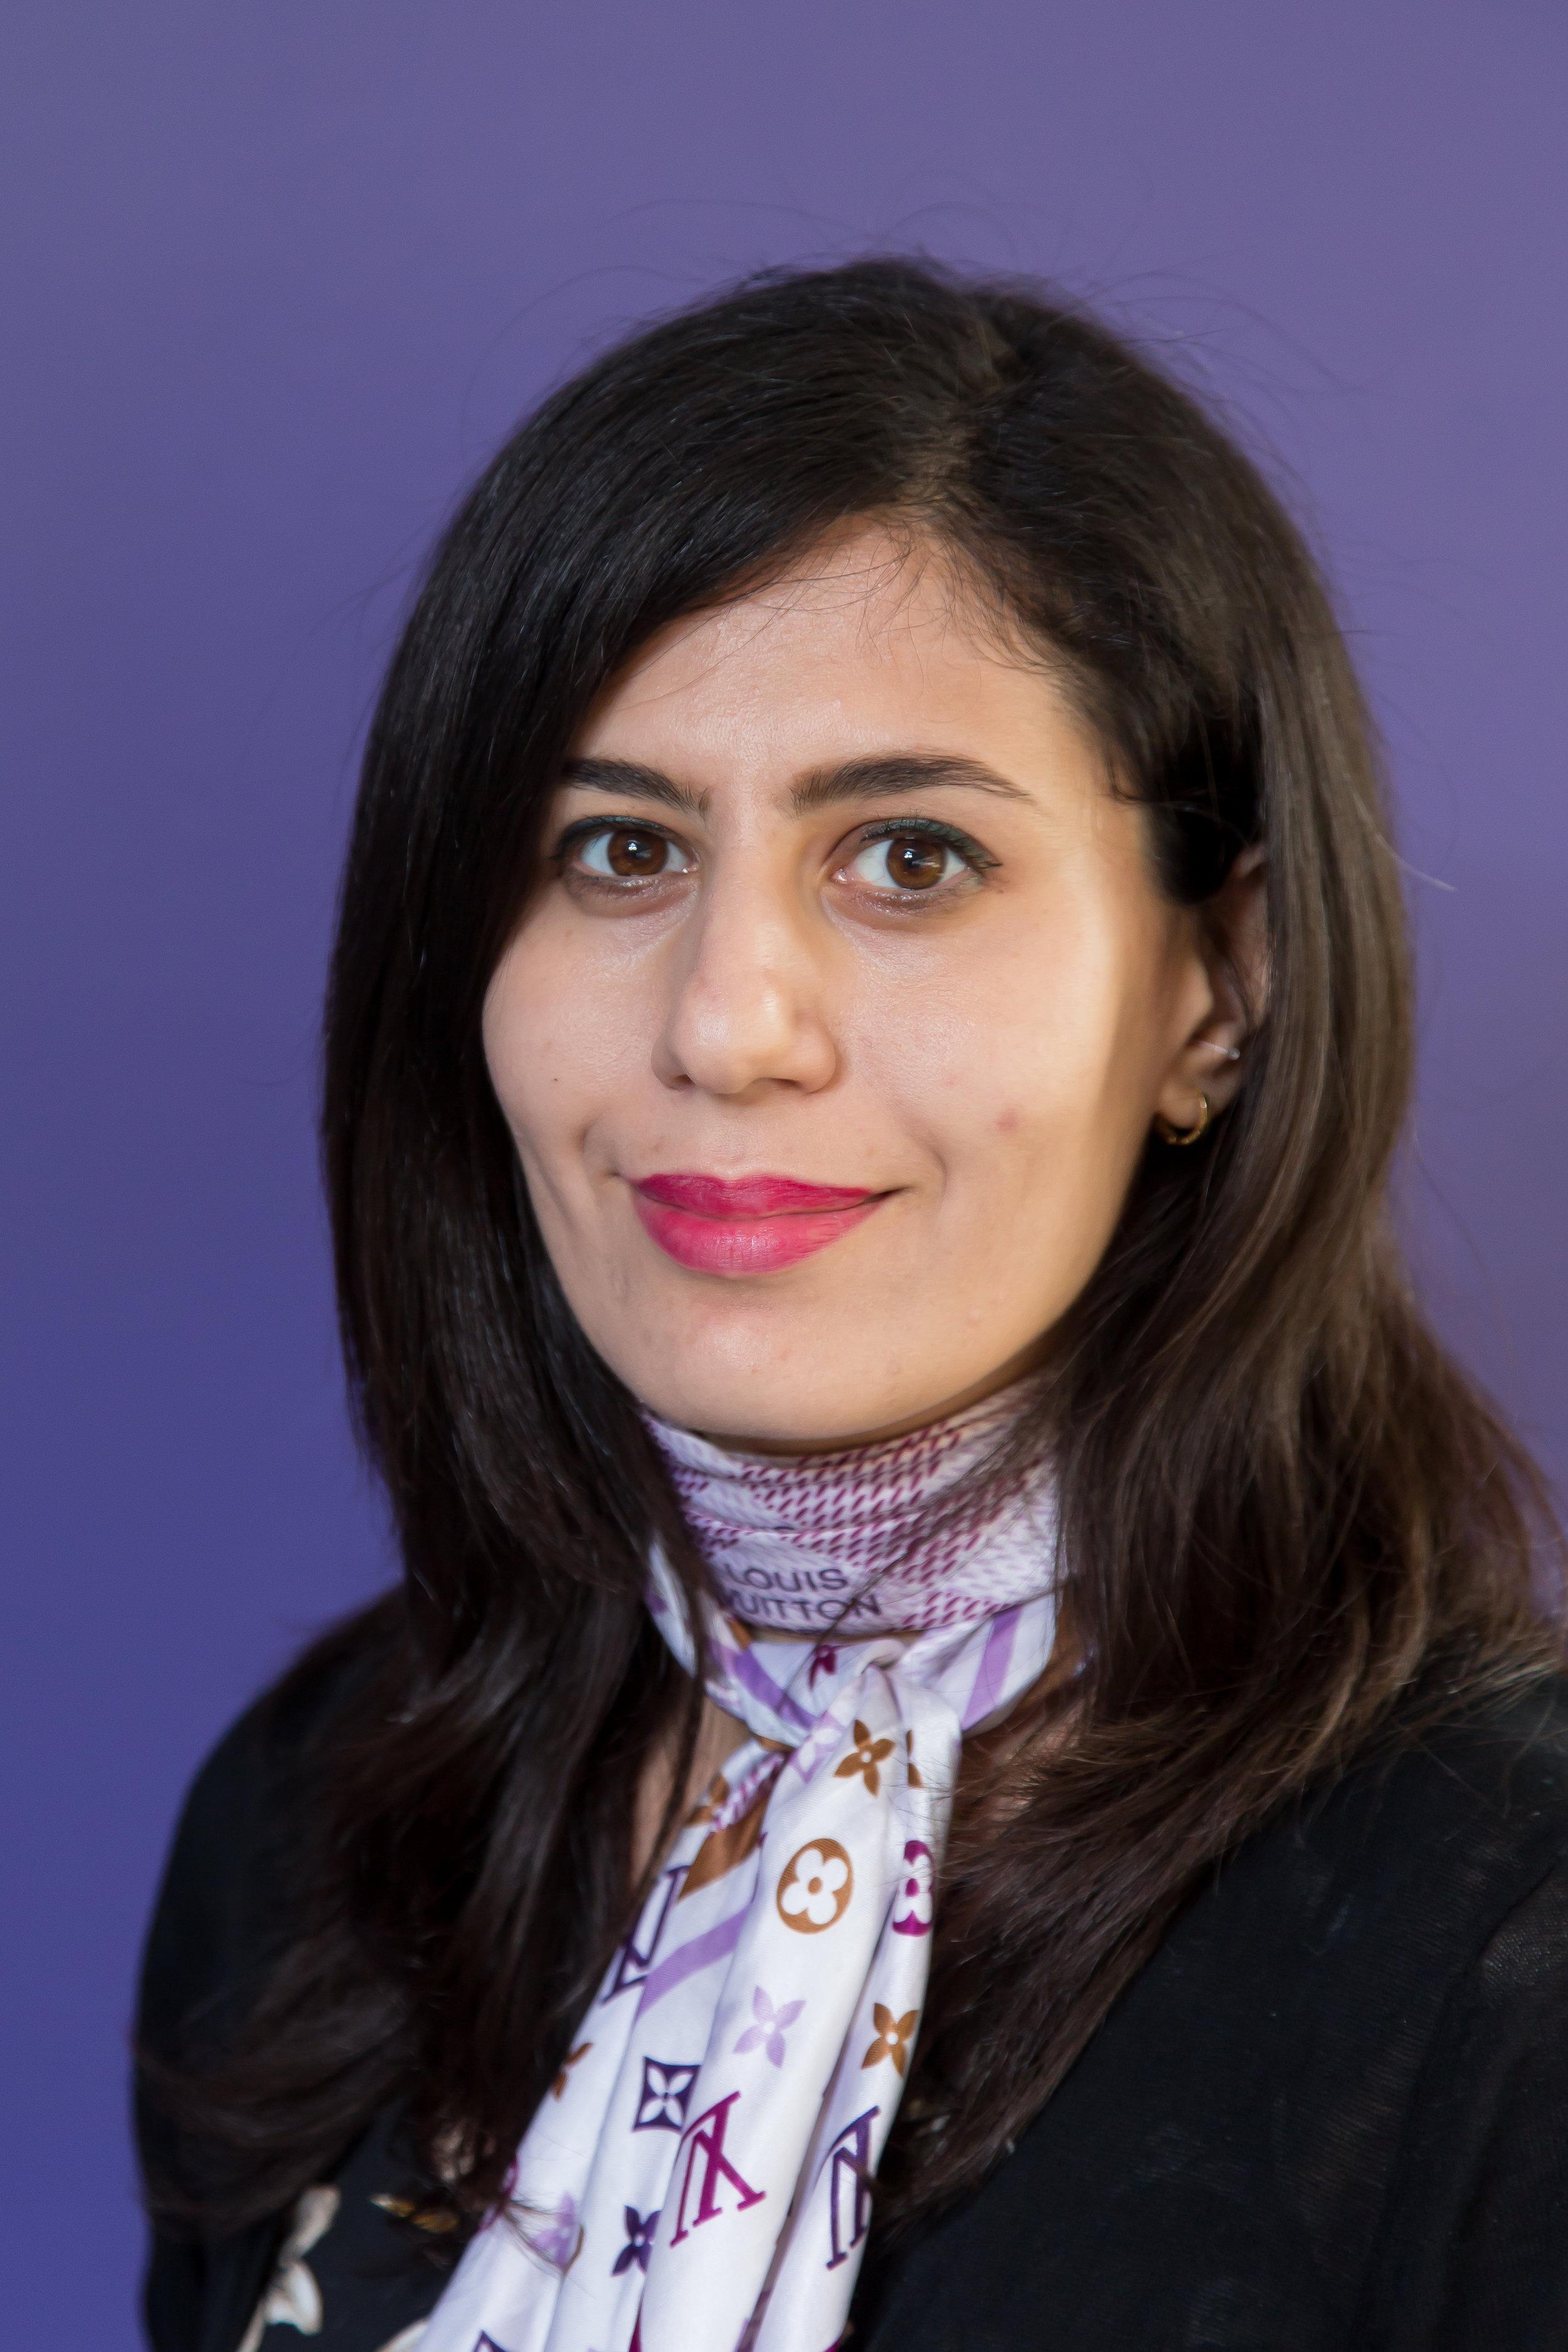 Azadeh Maroufmashat - University of Waterloo